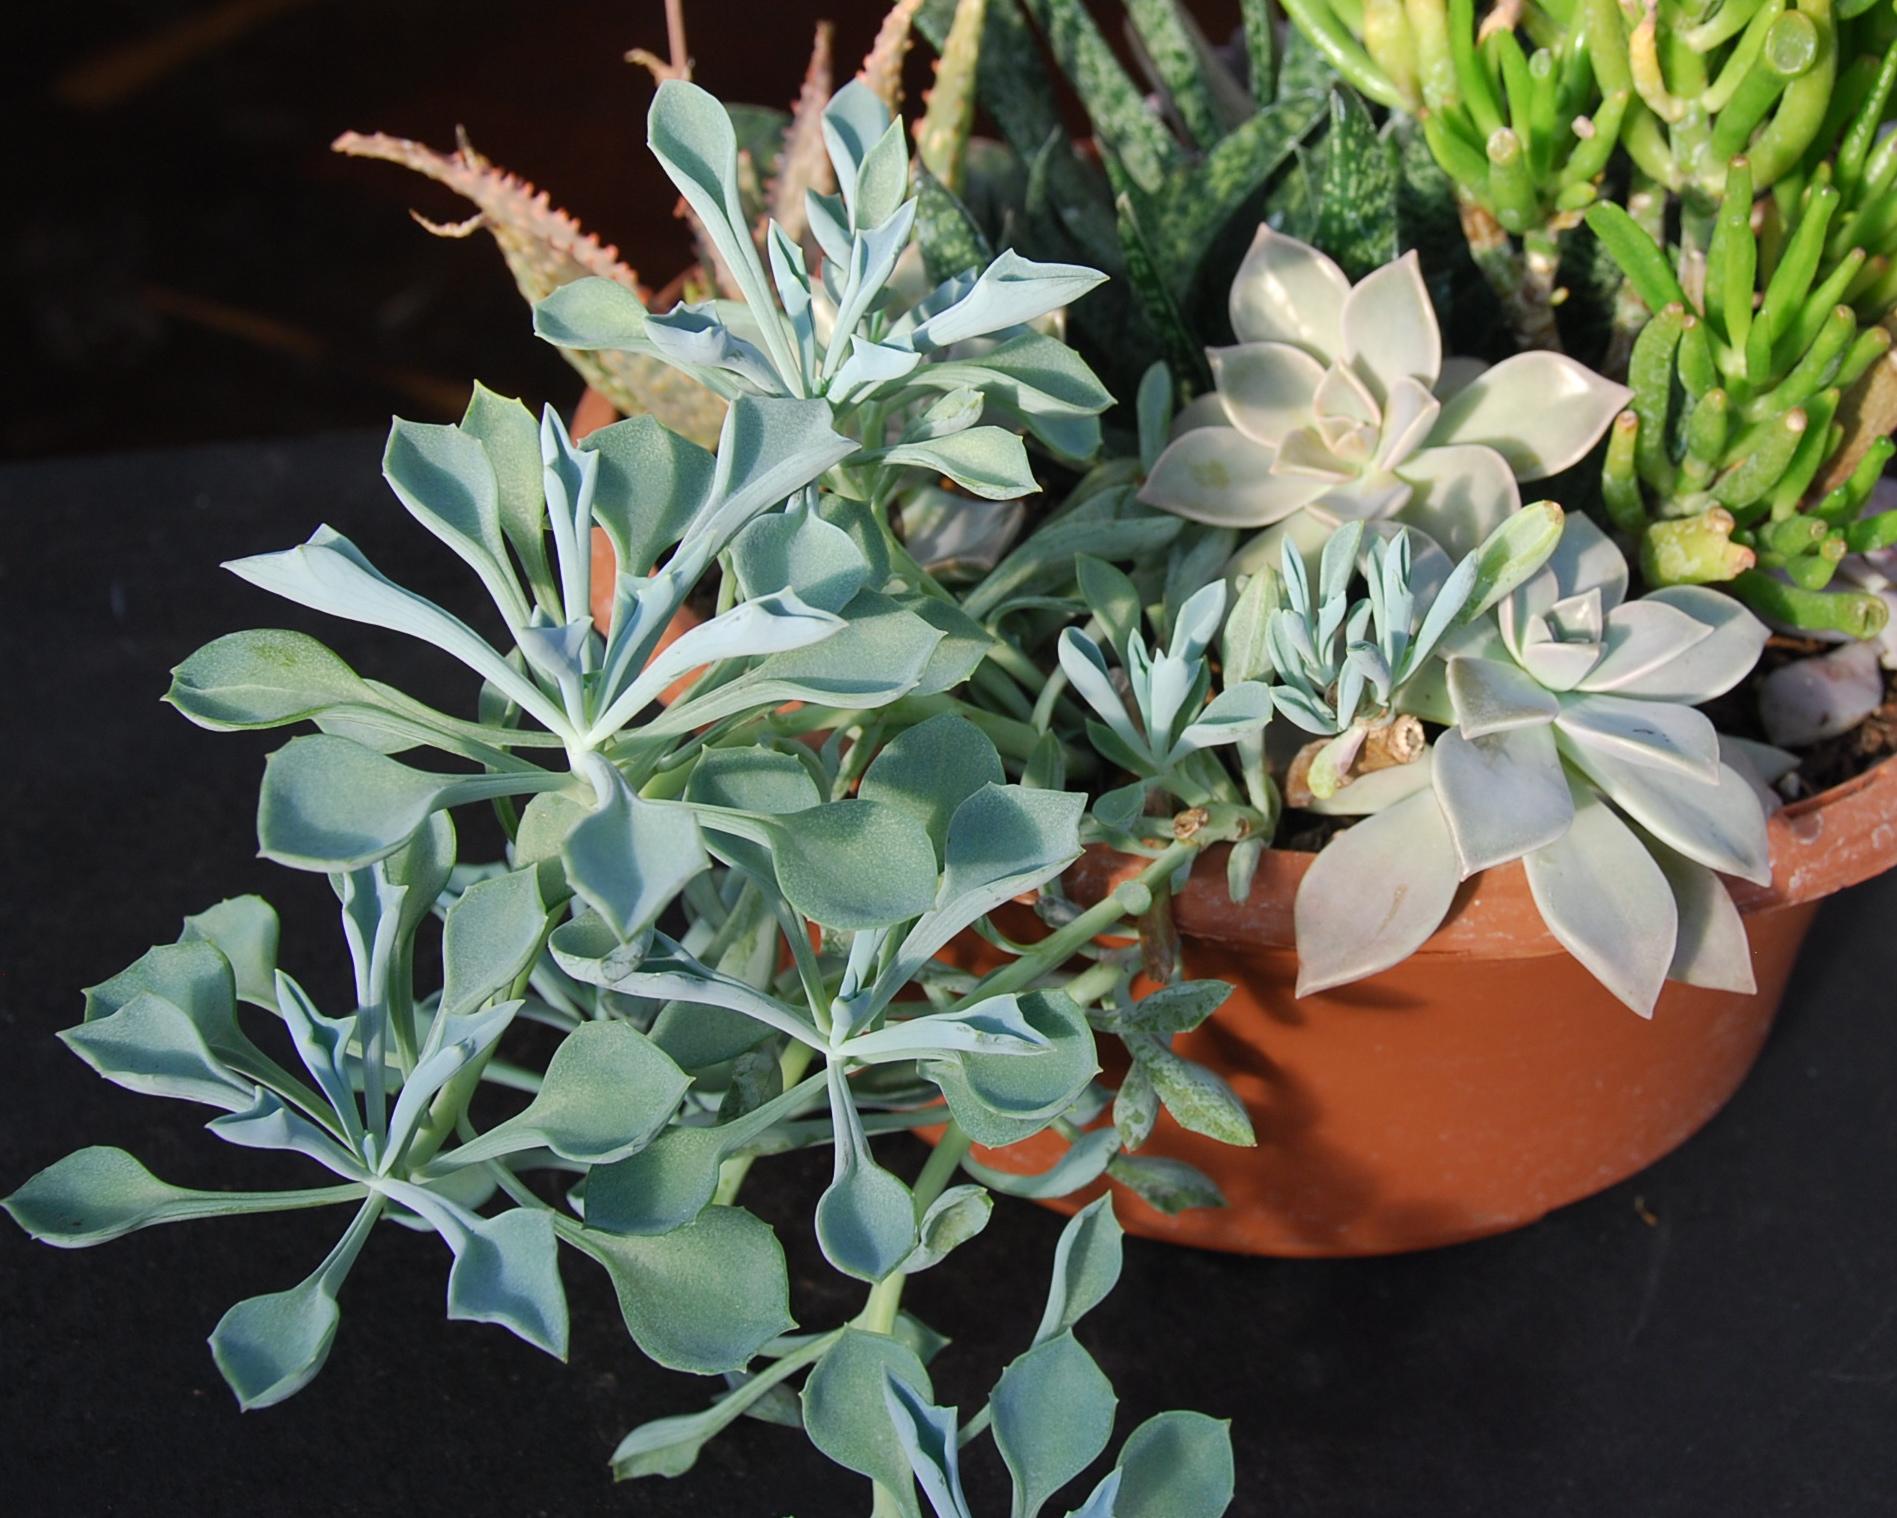 Senecio kleiniiformis 'Spear Head', Gasteria, Crassula 'Gollum', Graptopetalum paraguayense, 'Ghost Plant' in resin containers